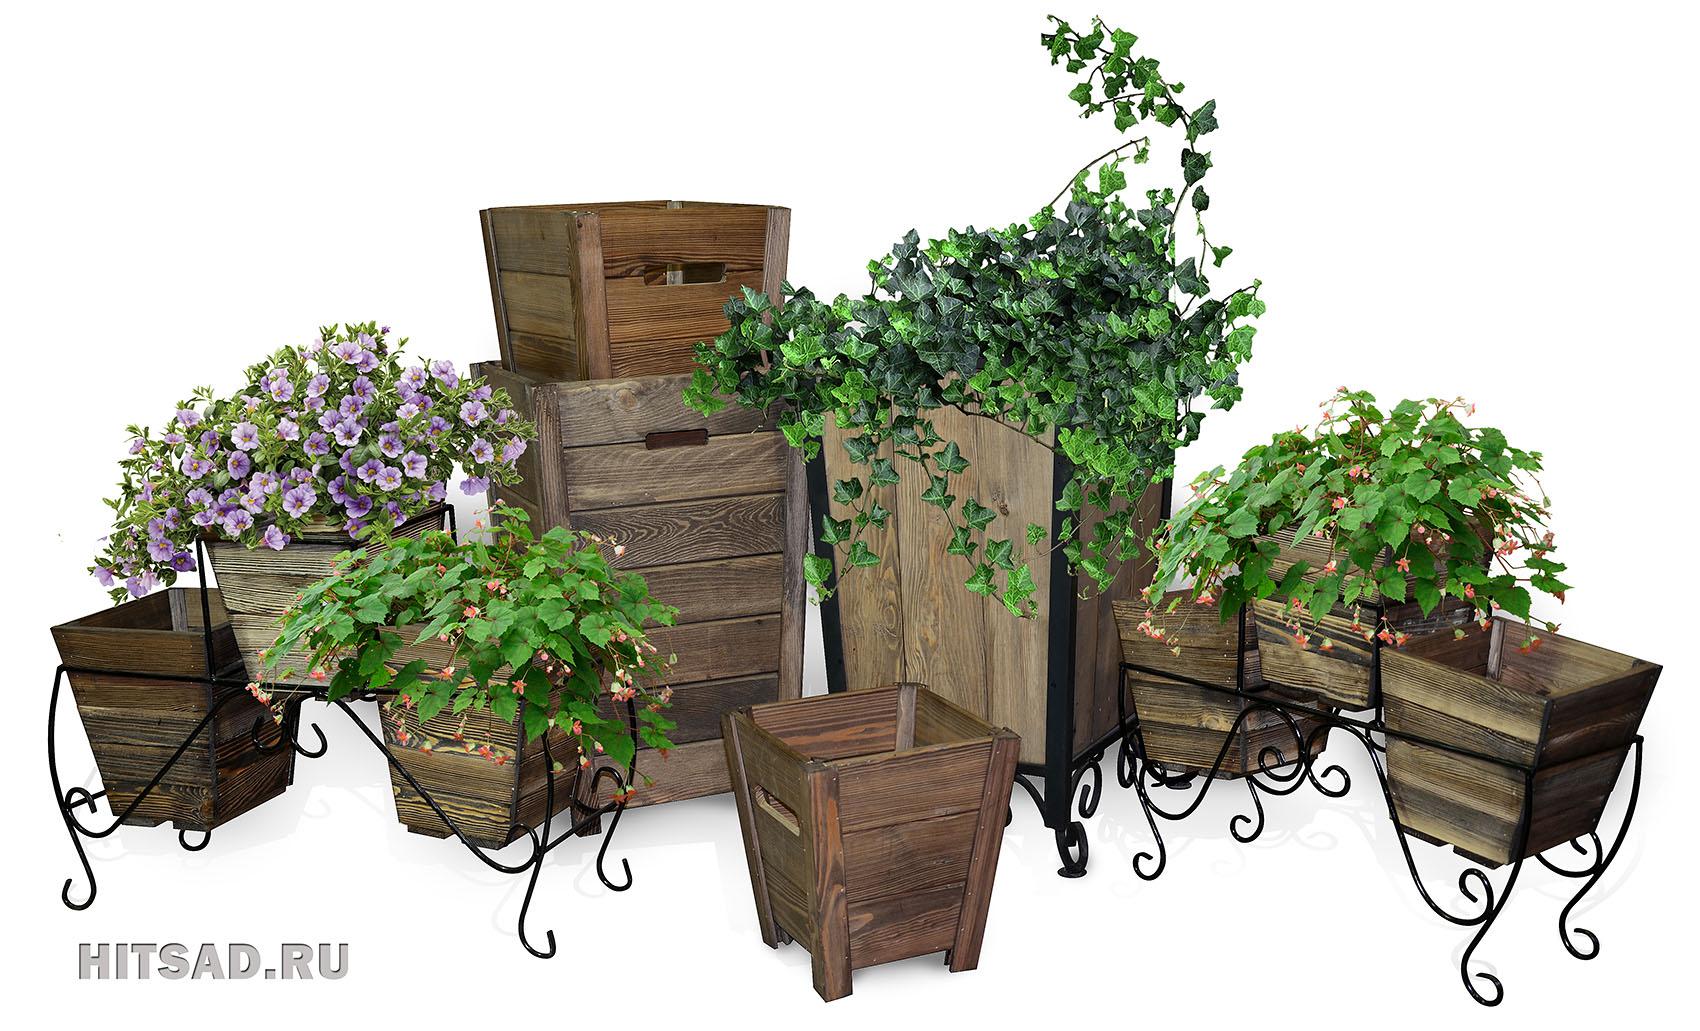 Как сделать кашпо для сада своими руками 18